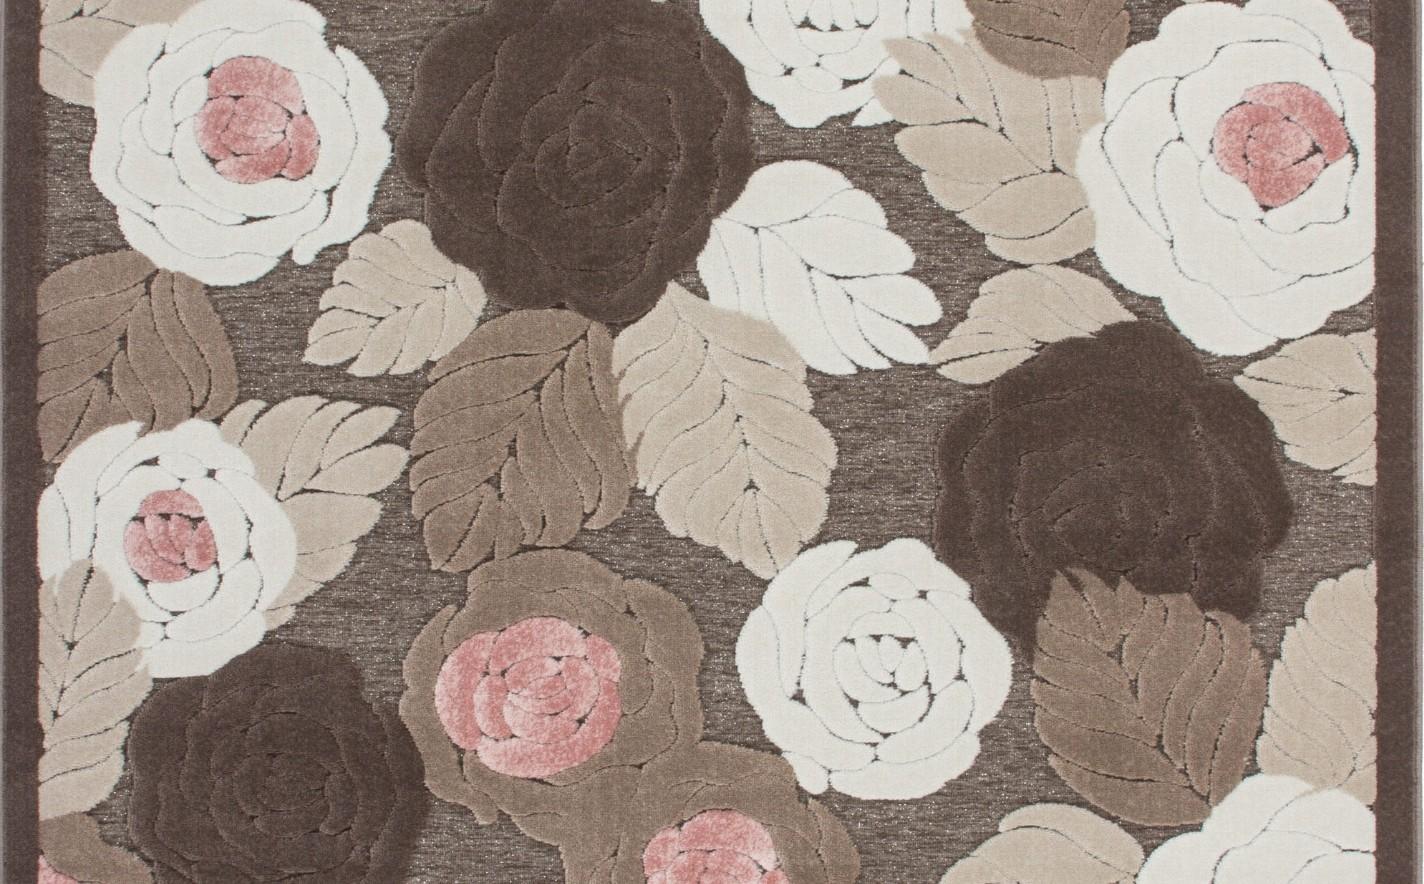 Tapis baroque oriental effet 3d motif fleur marron rose jericho pas cher - Tapis baroque pas cher ...